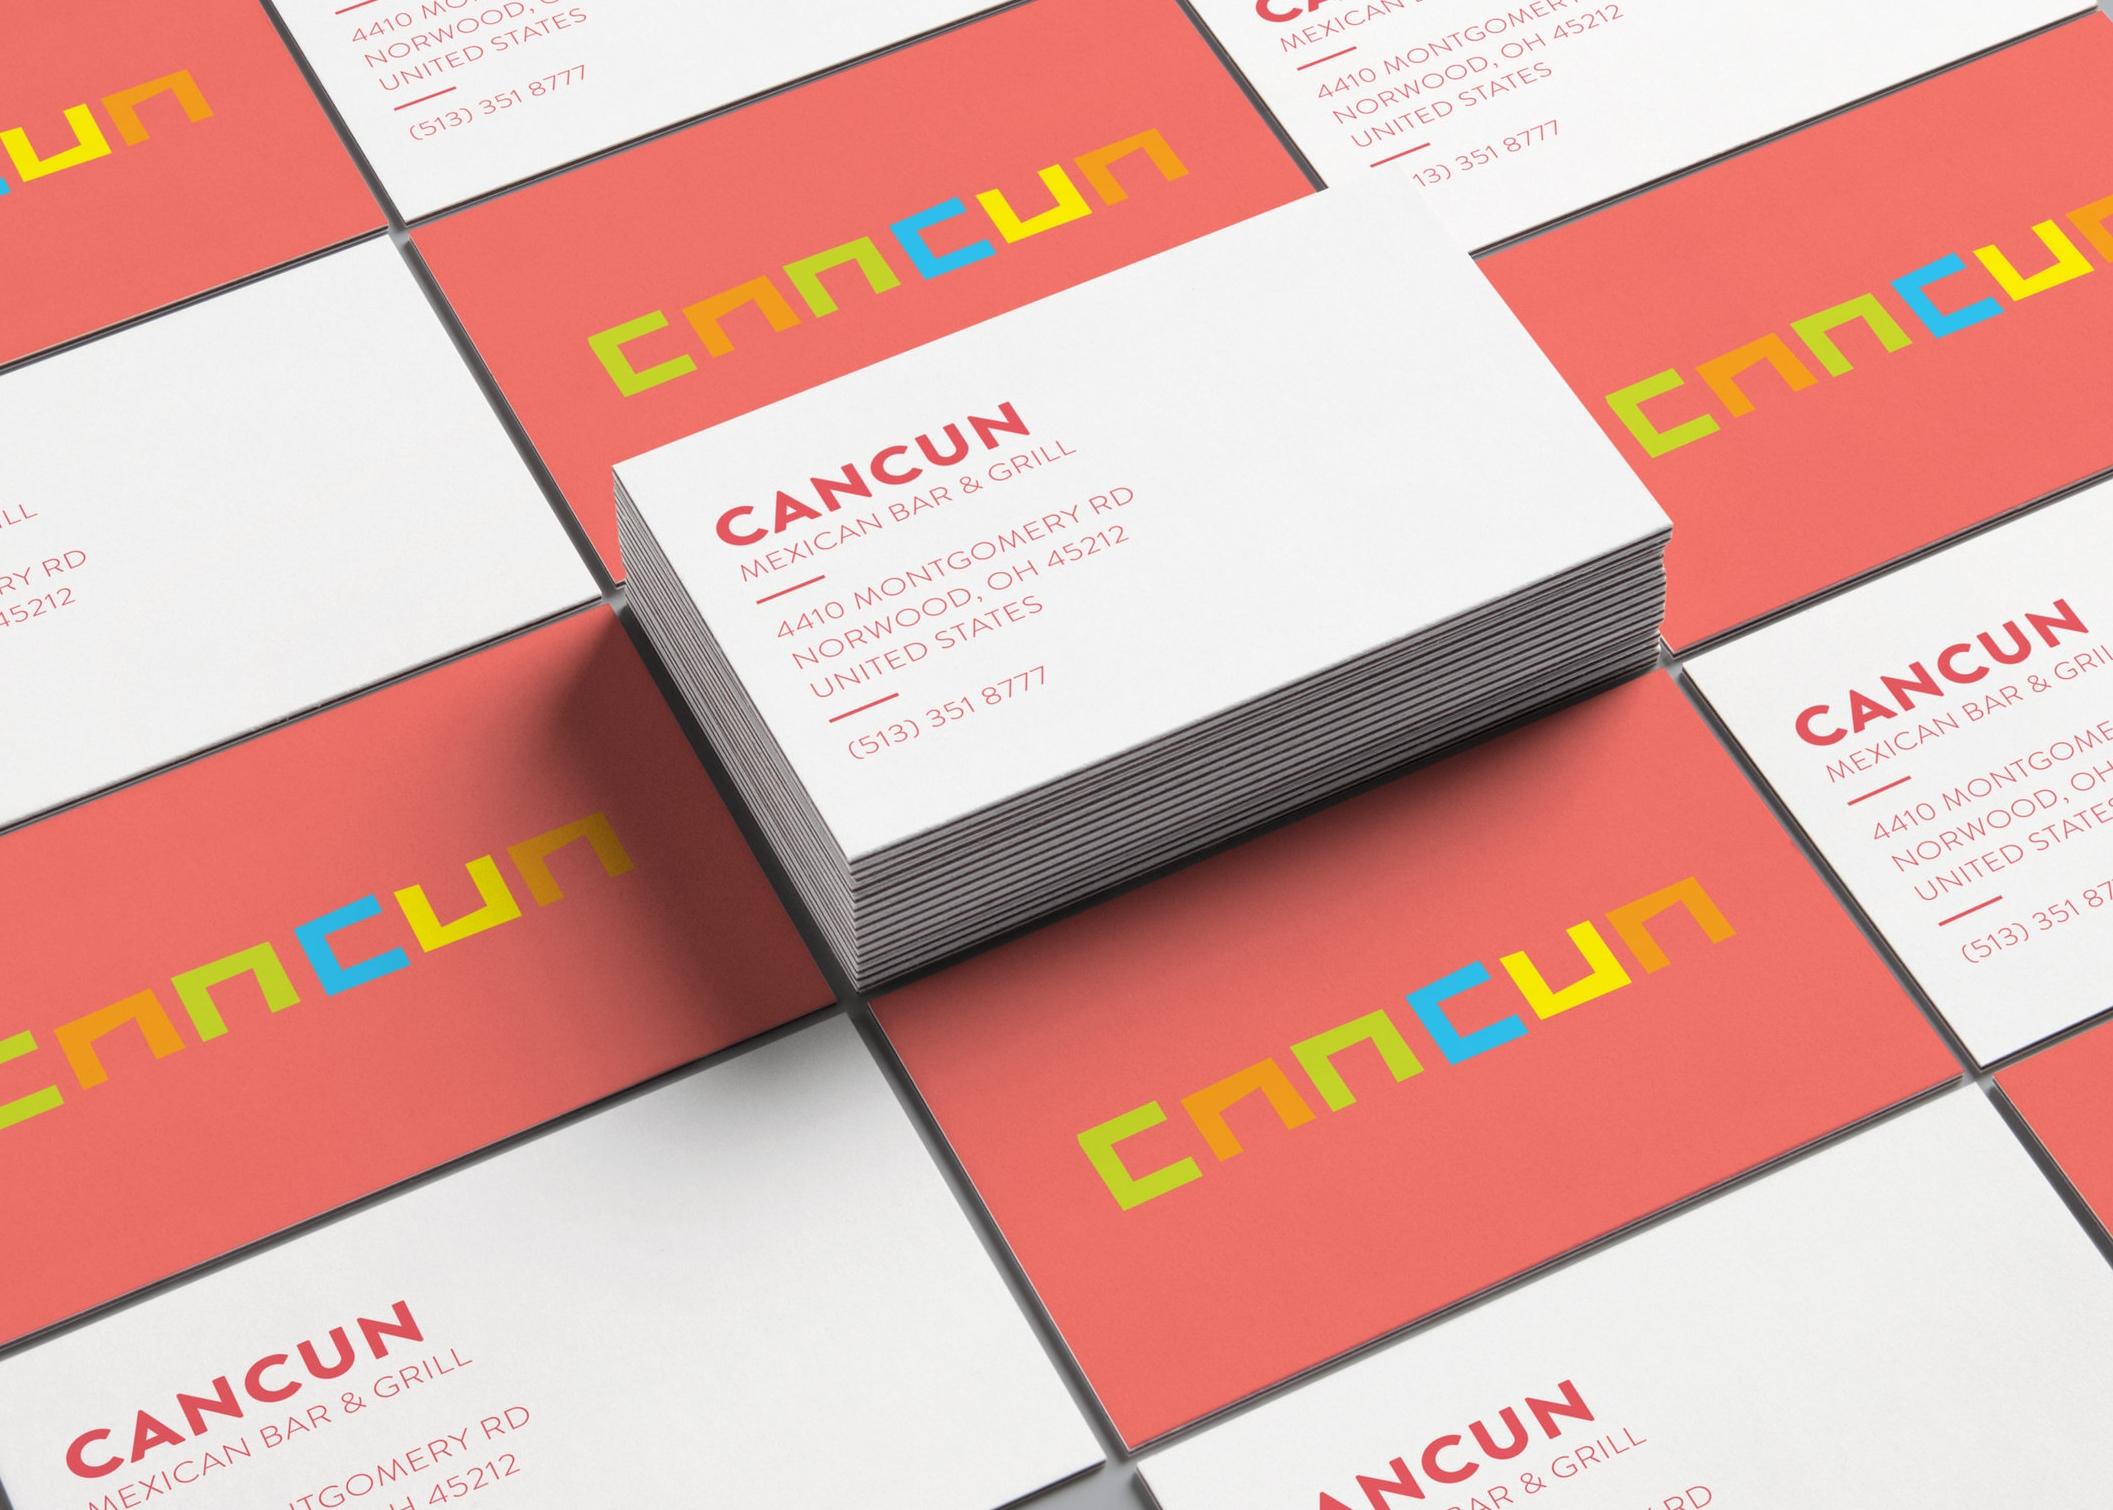 CANCUN — Anne Locker